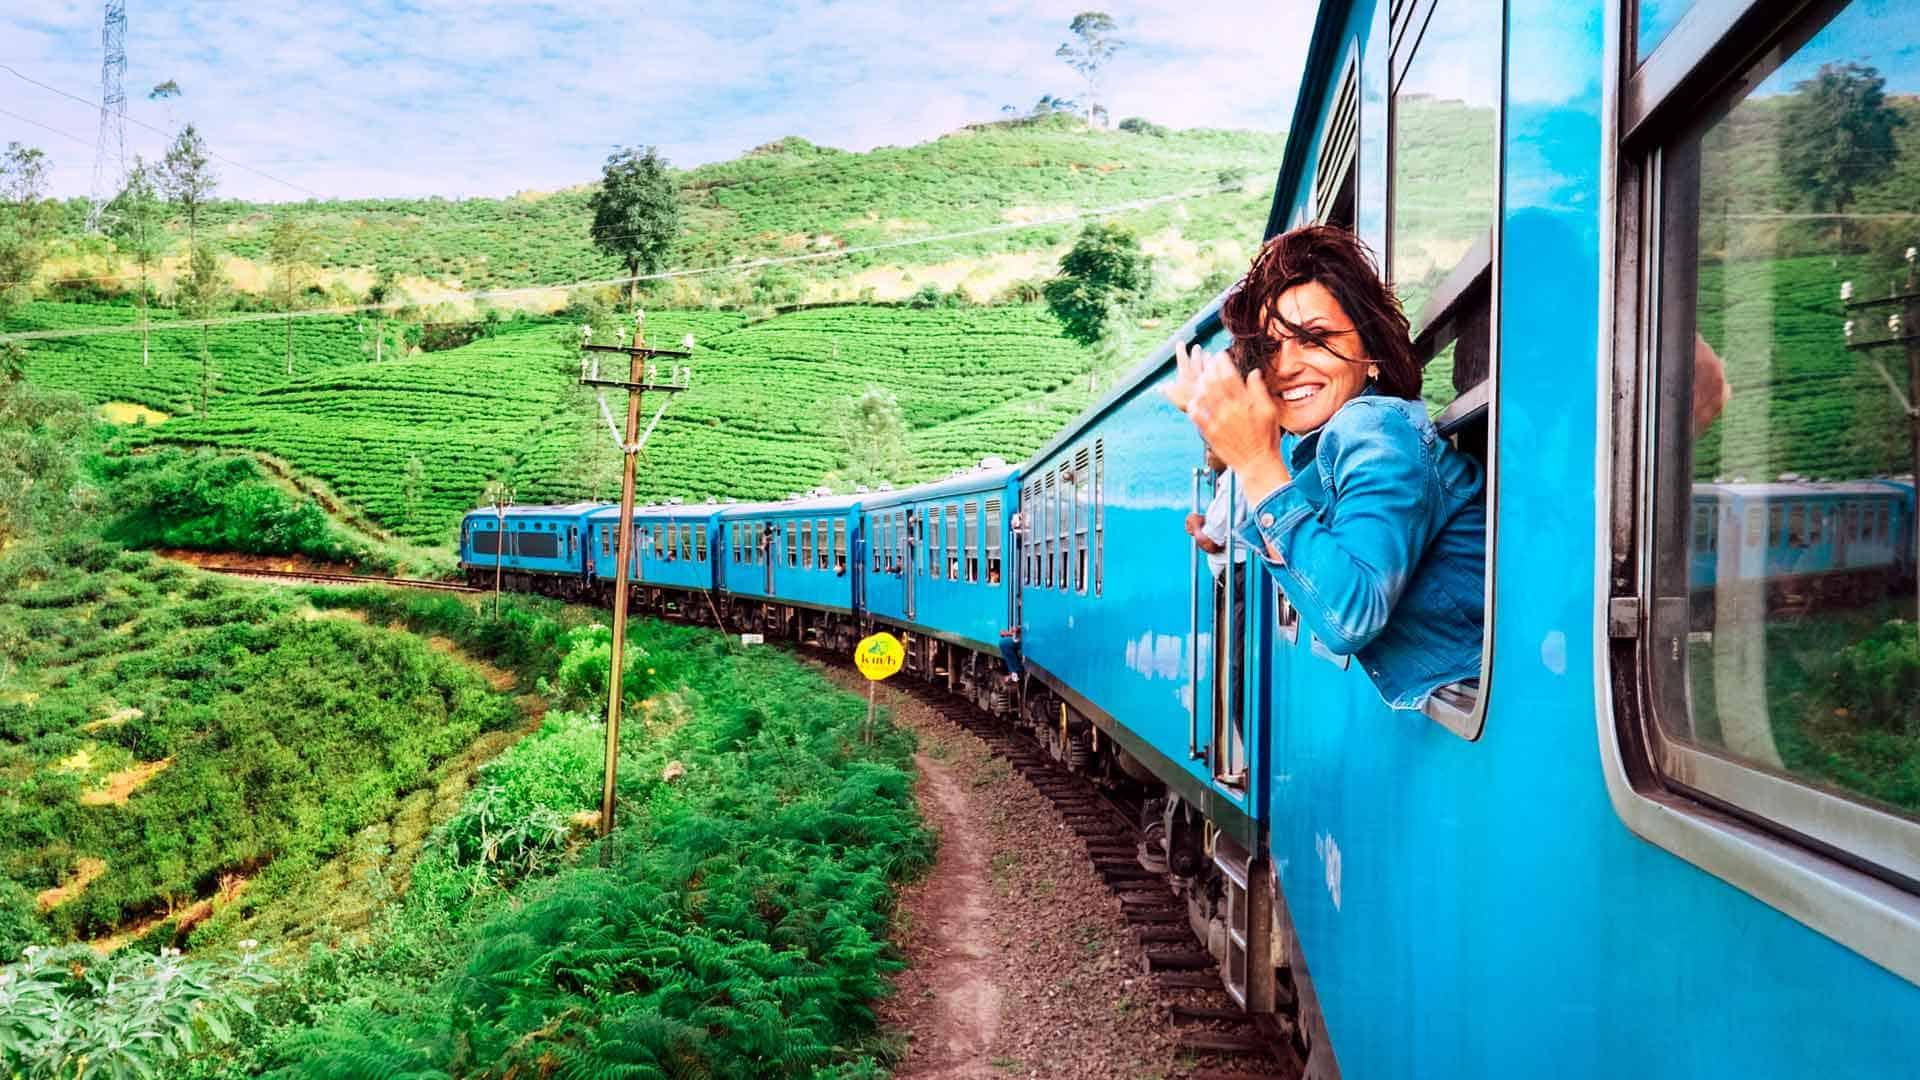 Viaja en tren a los parques temáticos españoles 2